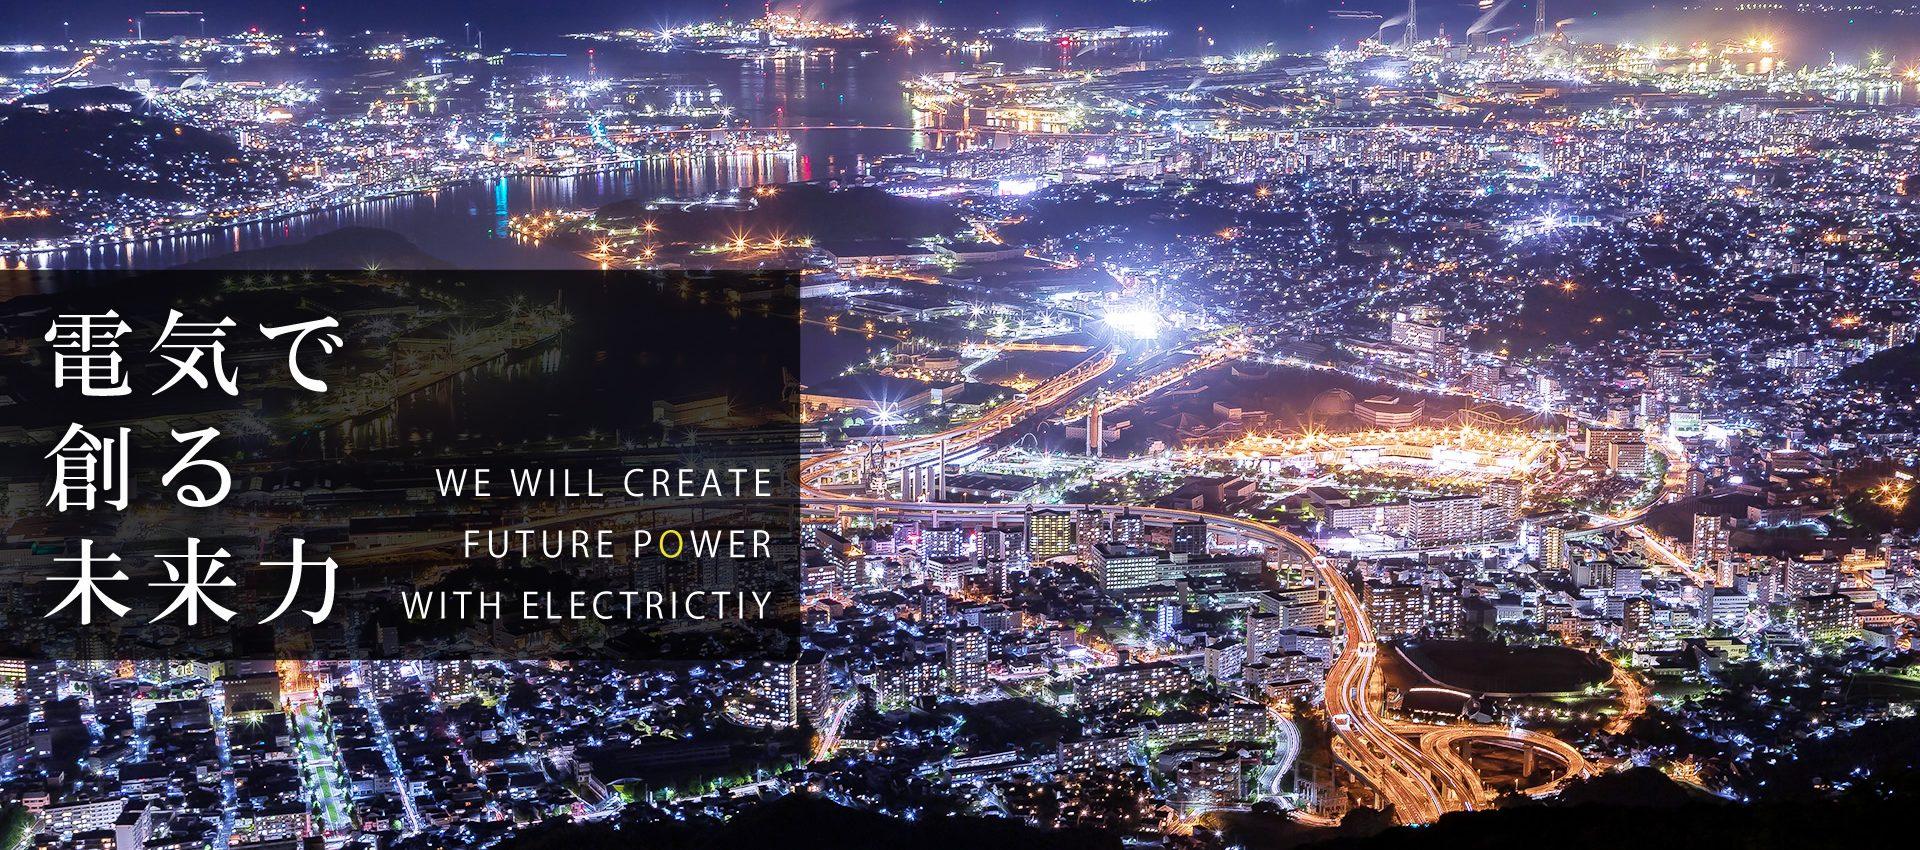 電気で創る未来力